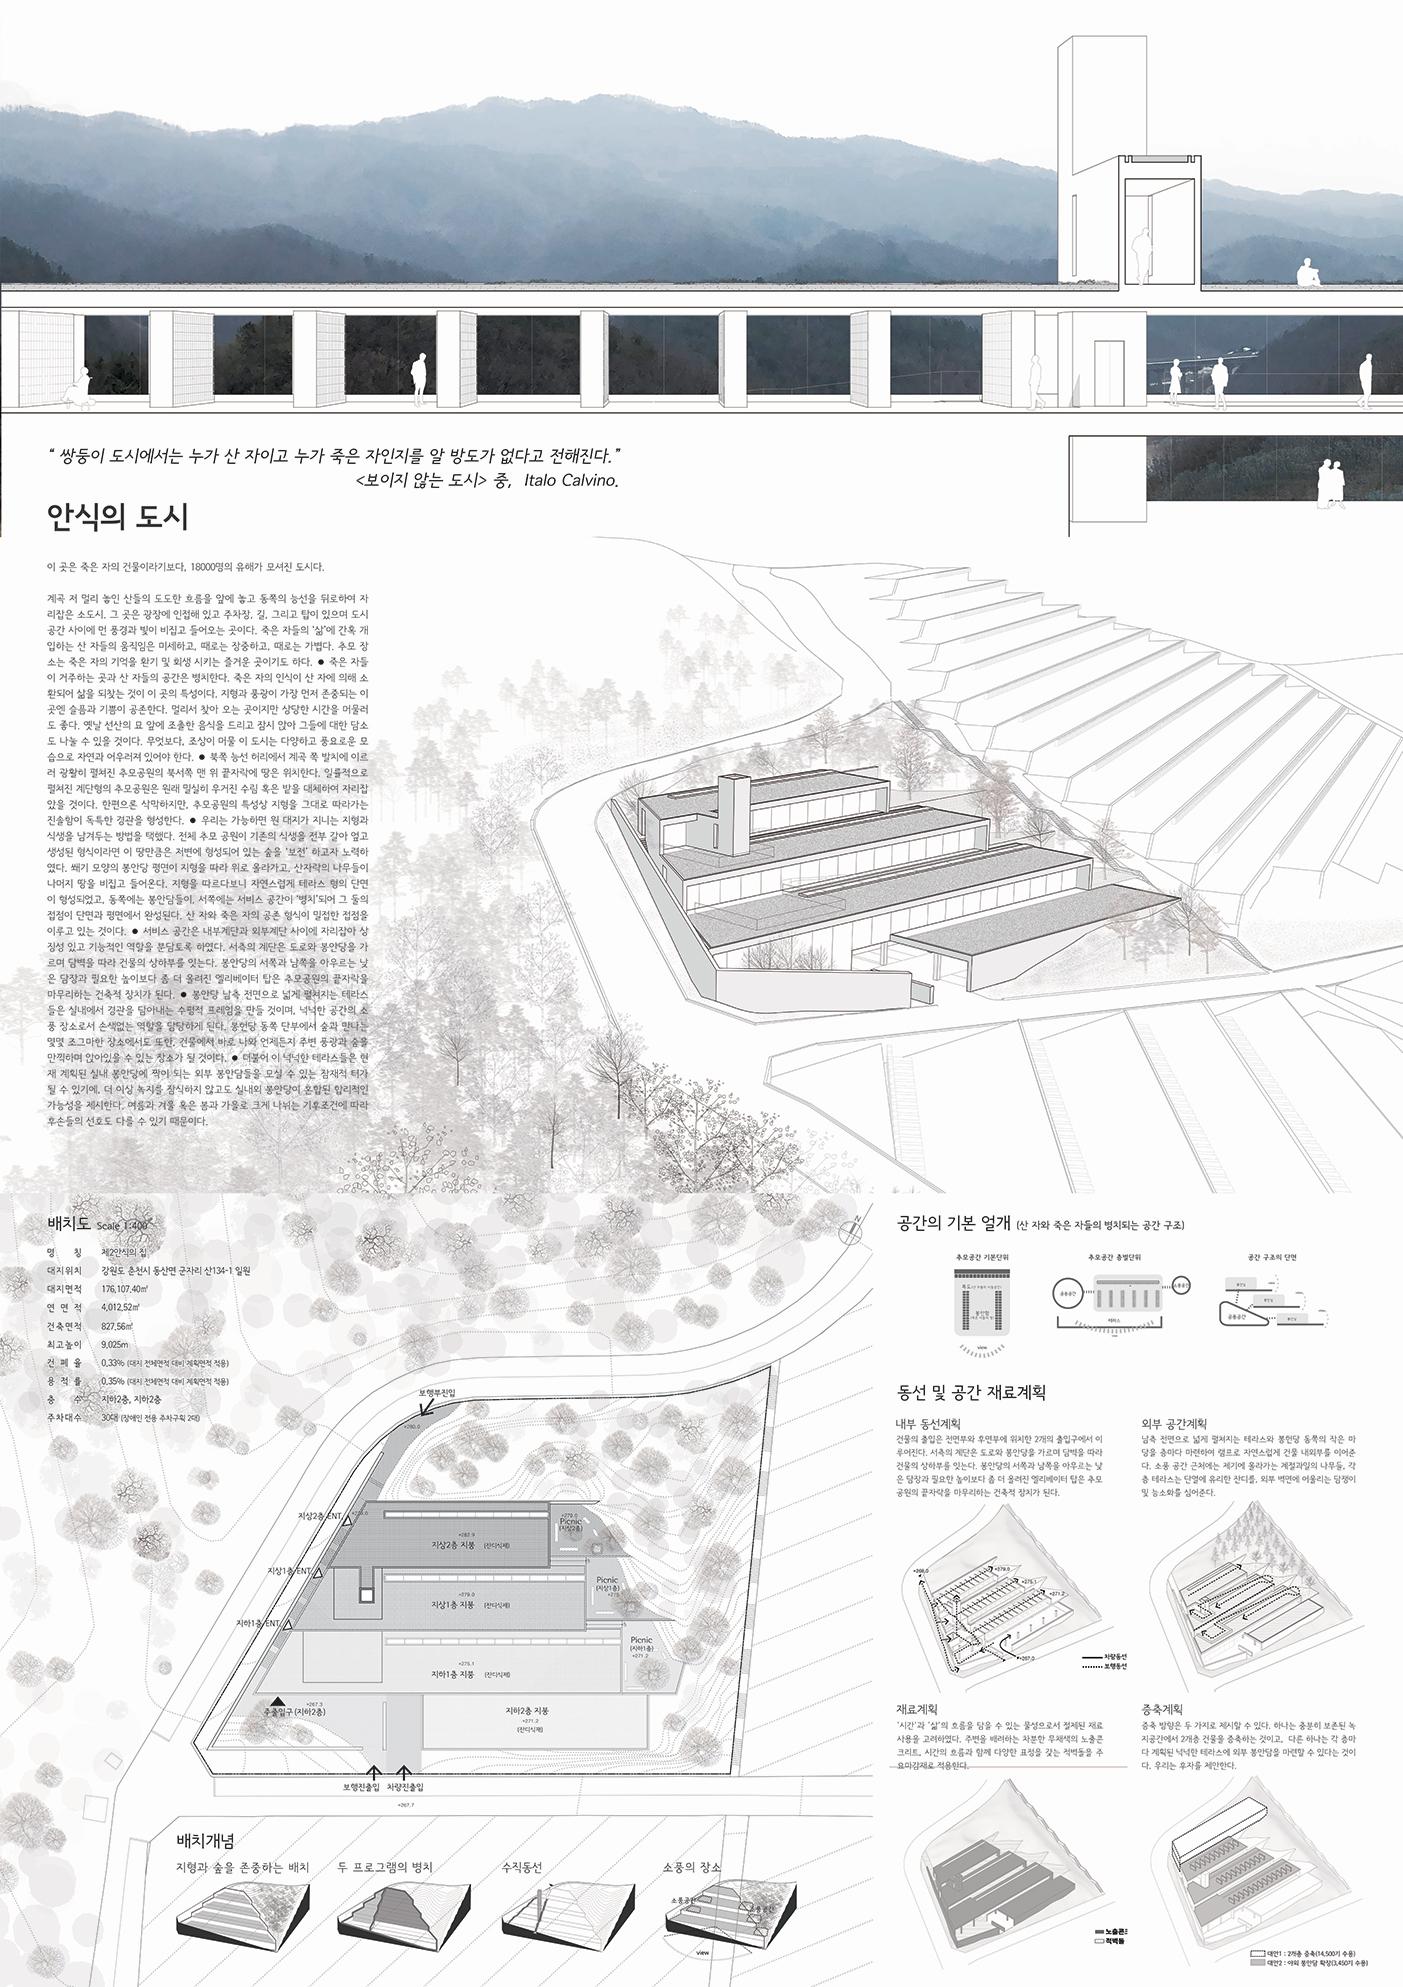 설계도판-2(resized)